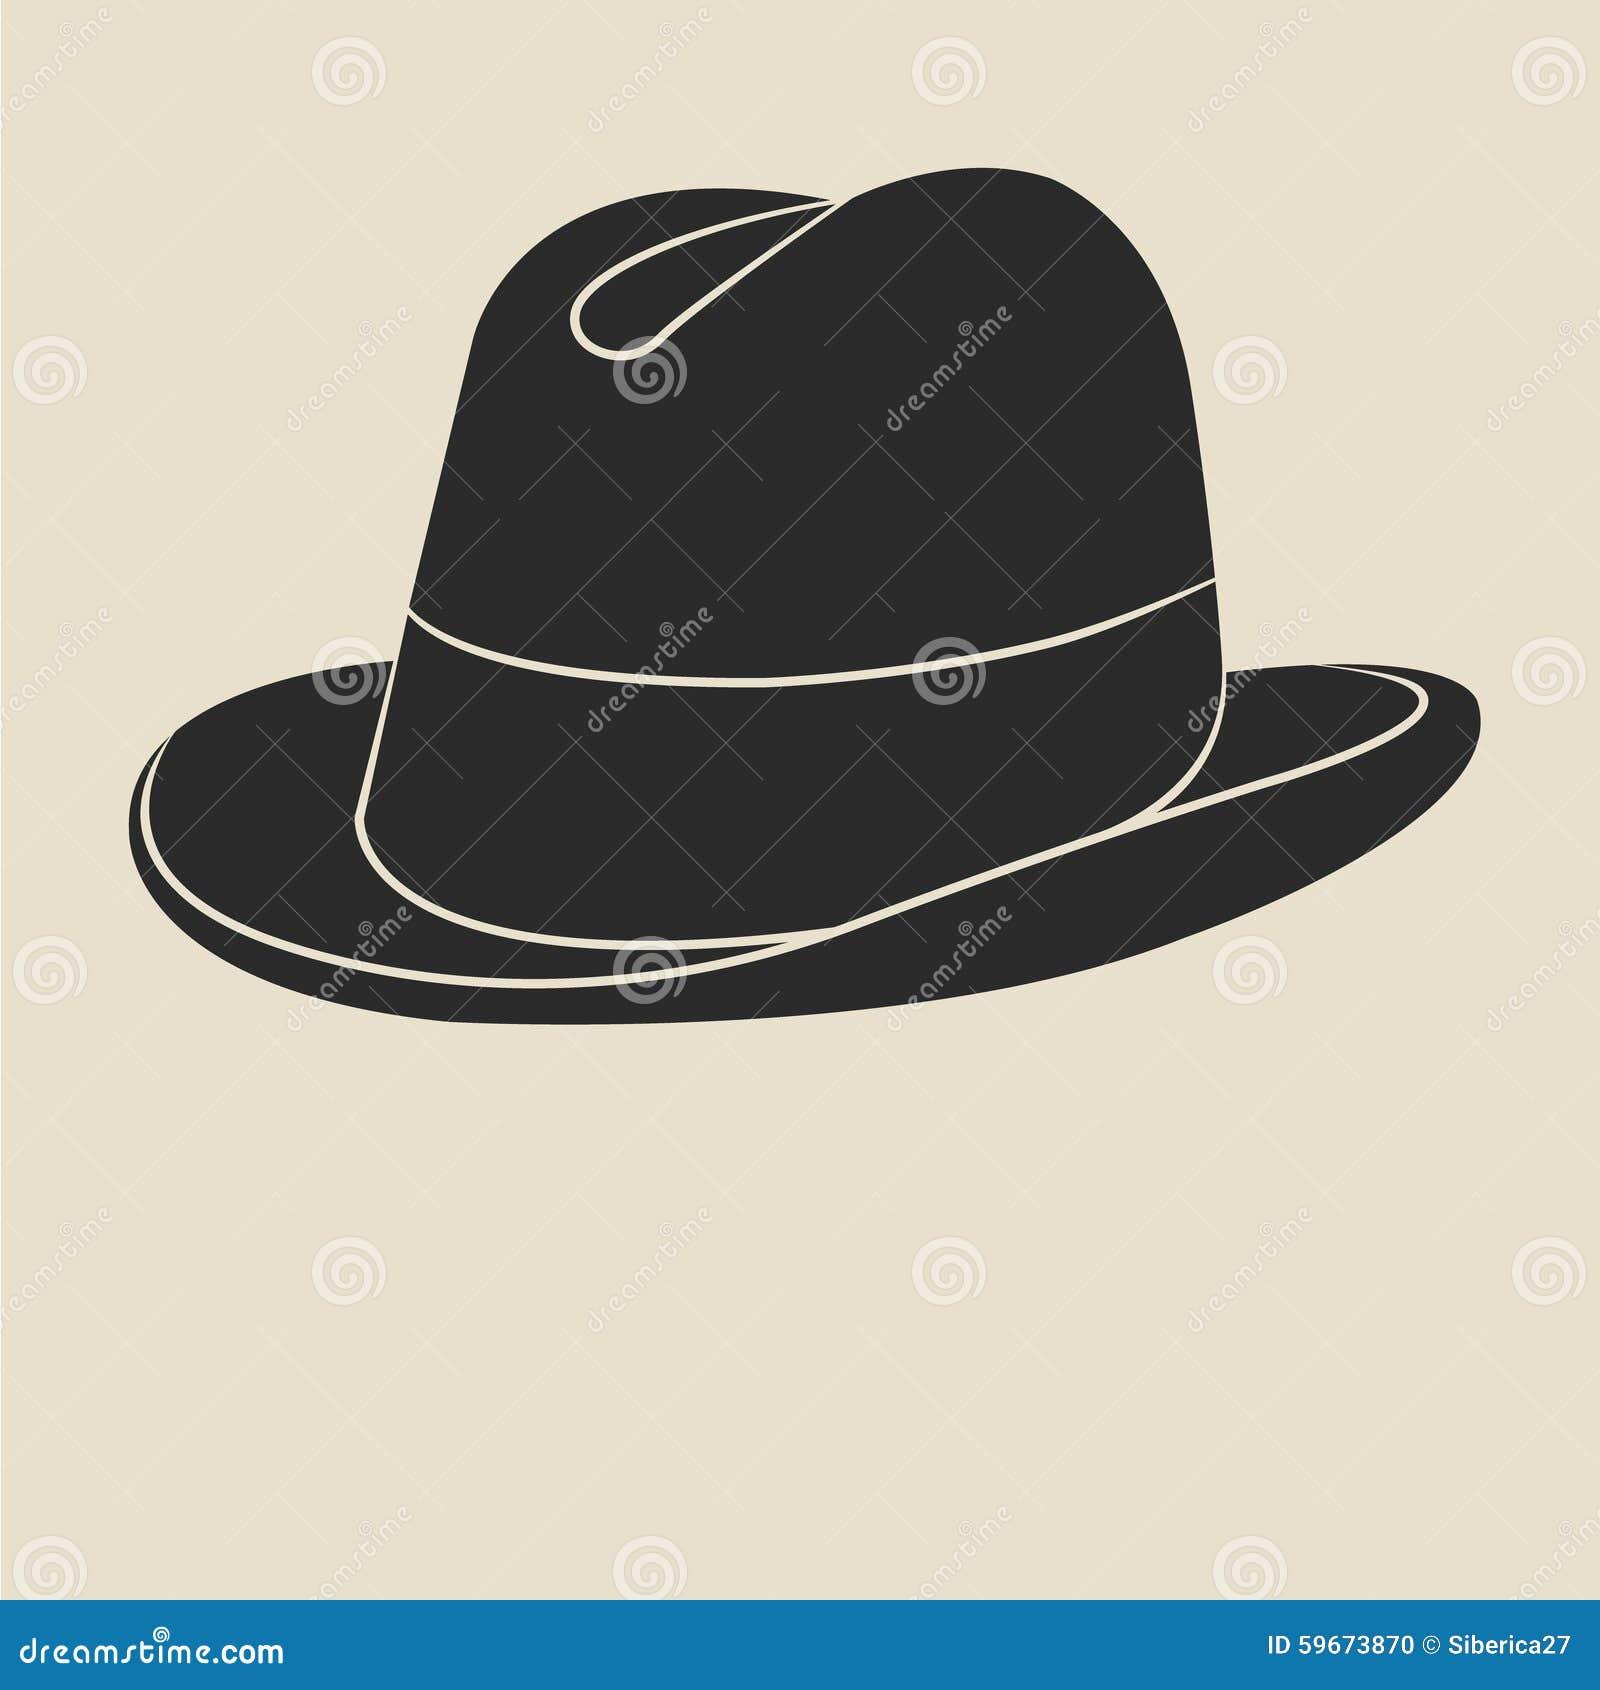 Tweed Cappello Etichetta Del Illustrazione Vettoriale v5xw5EqXB